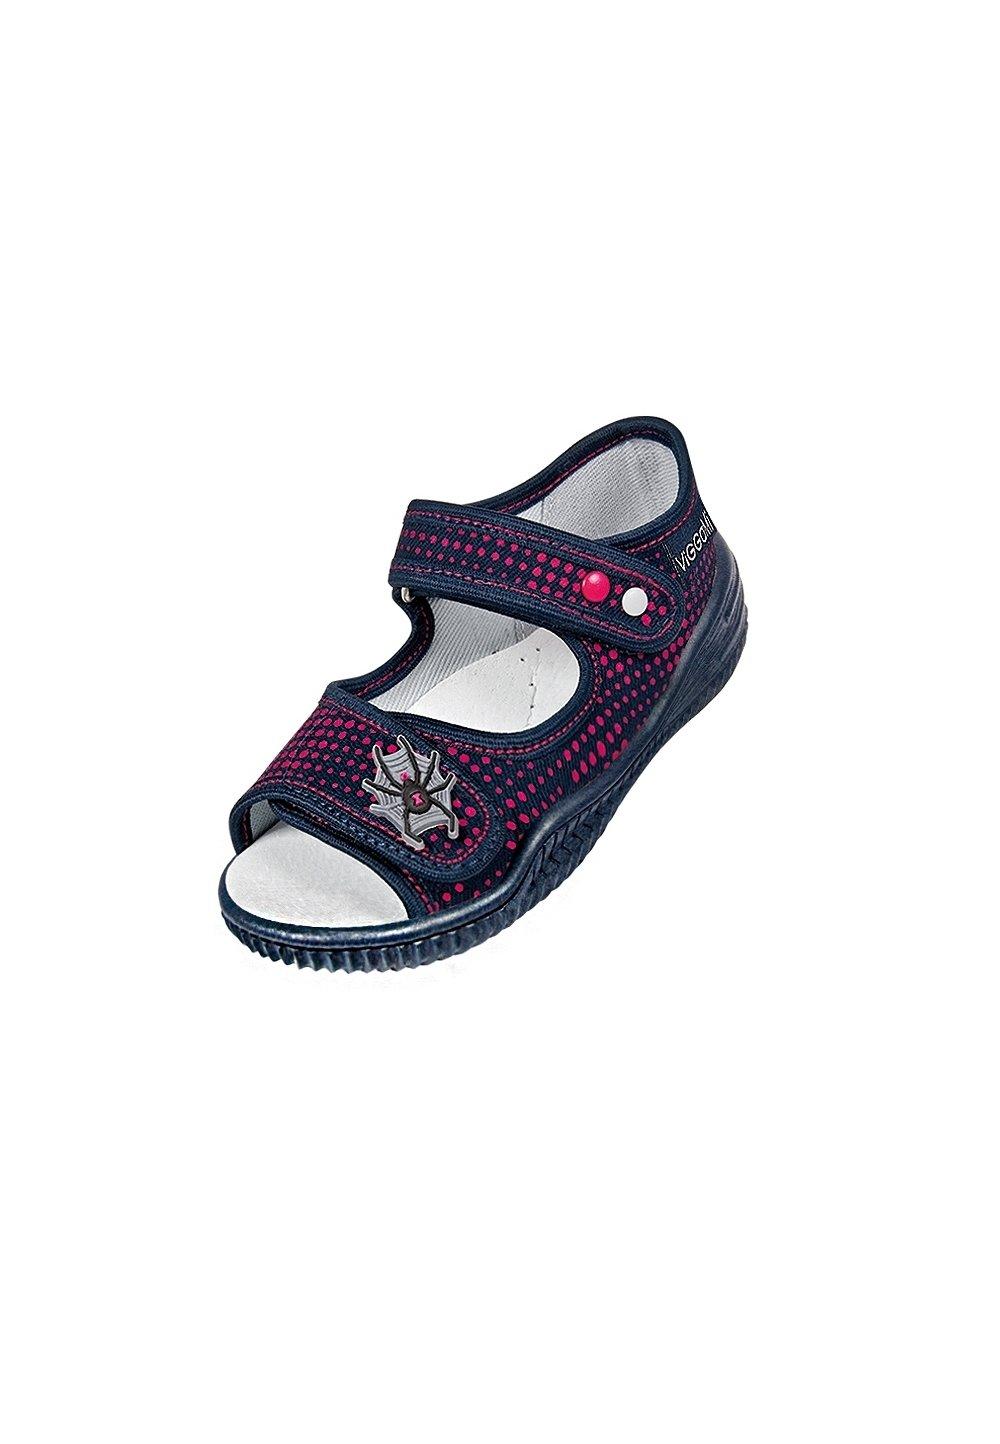 Sandale, bluemarin cu buline rosii, Spider imagine